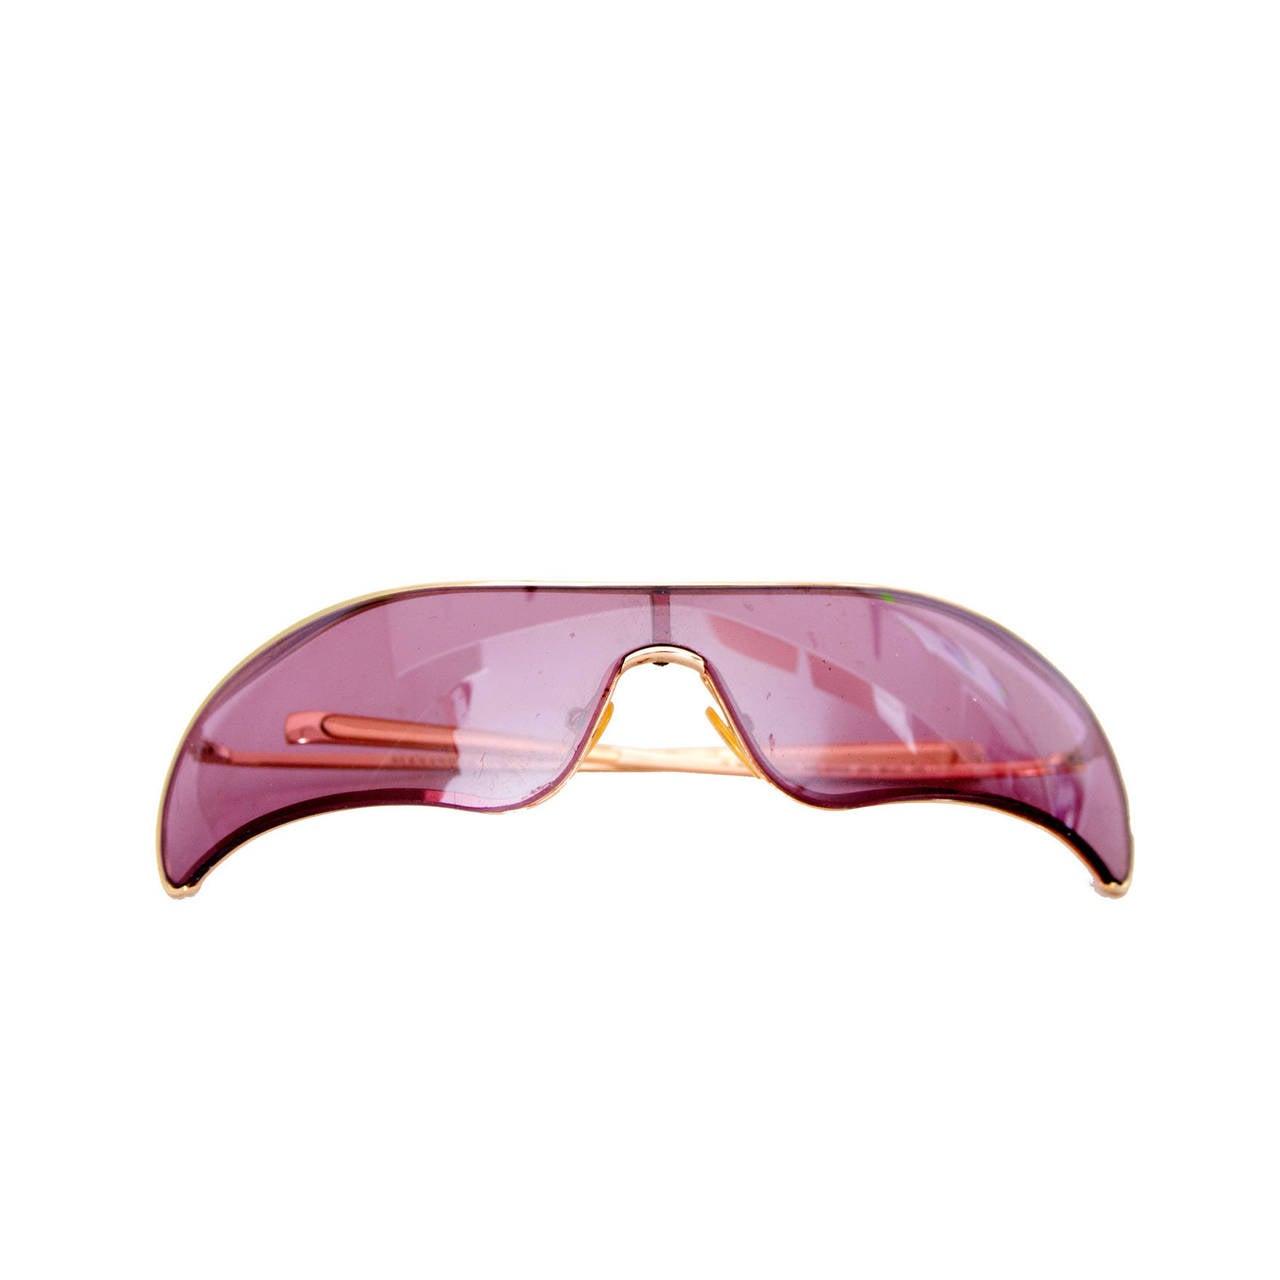 Rare Alexander McQueen Sunglasses For Sale